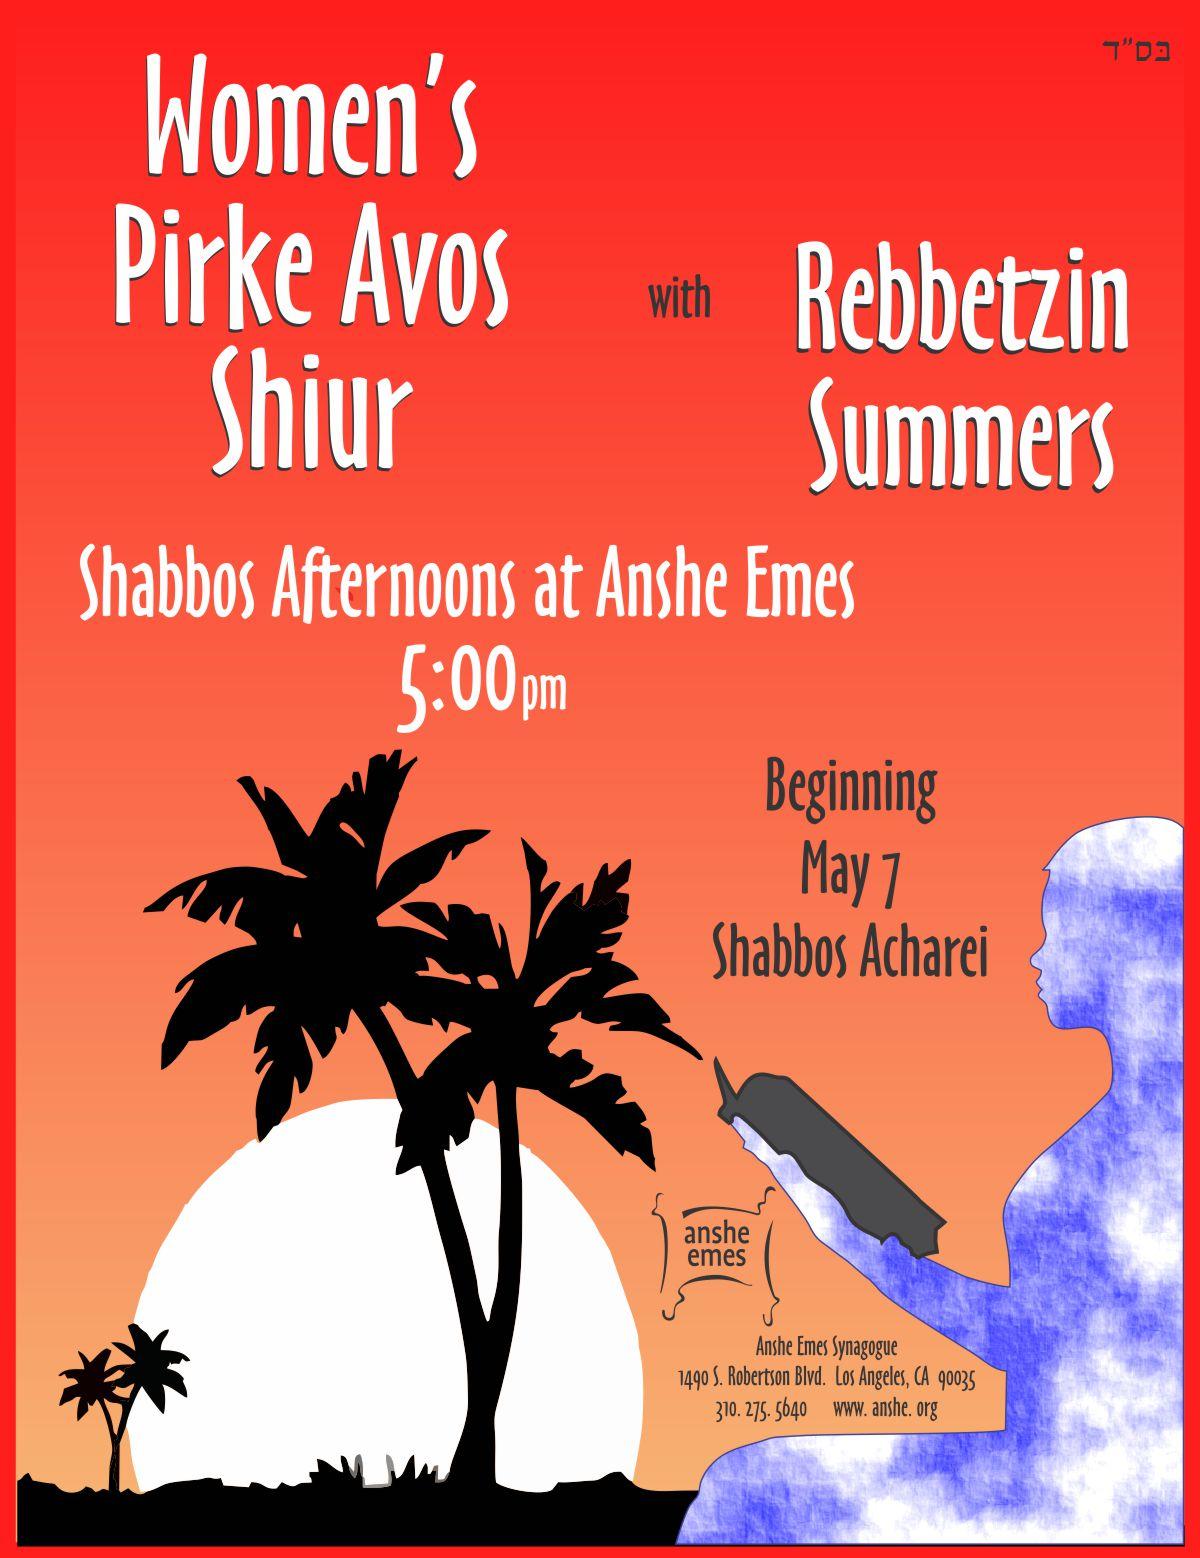 ae160507-womens-pirke-avos-shiur